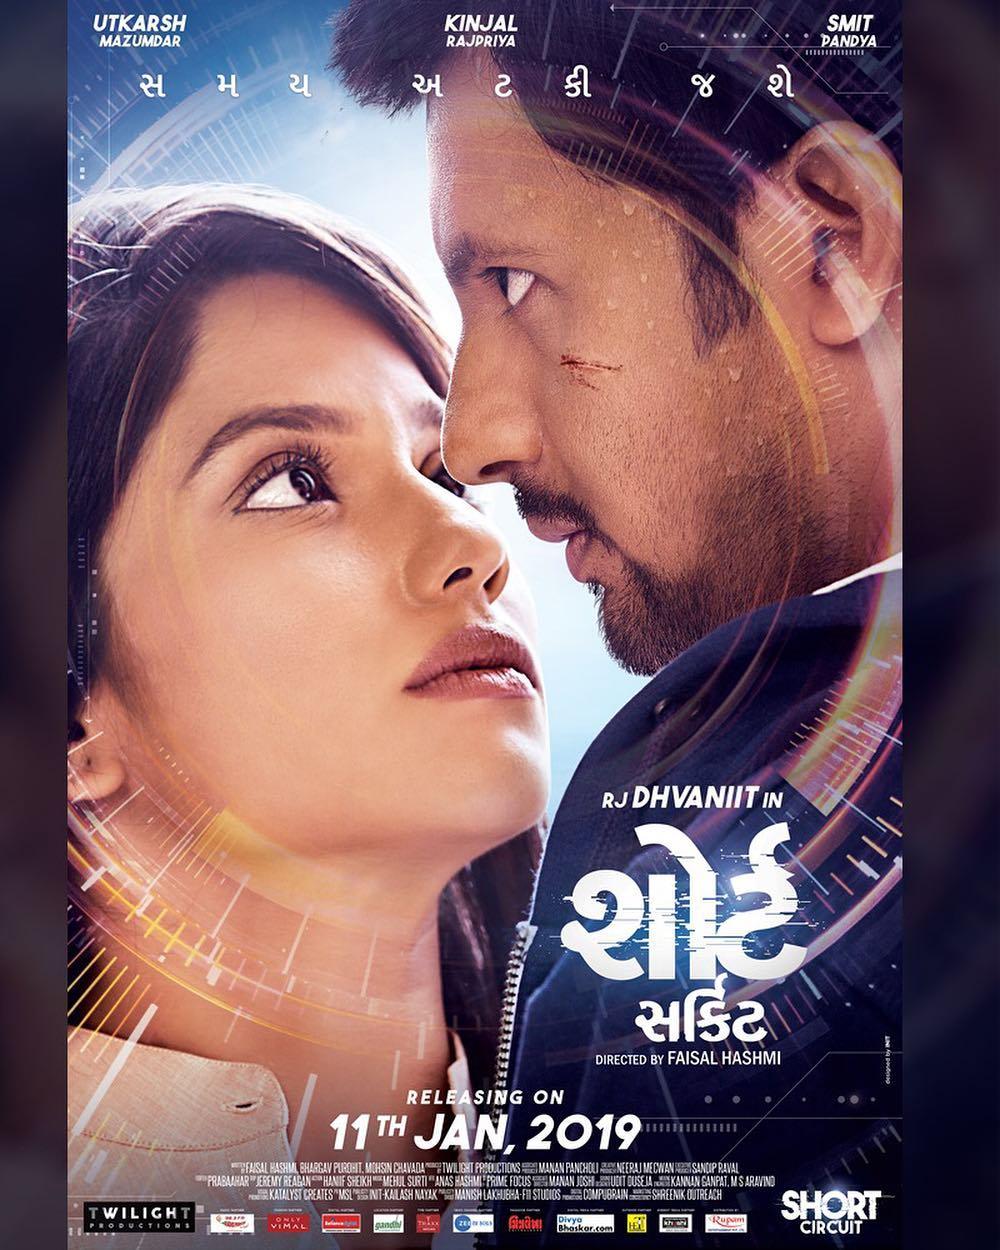 શું 'સમય' 'સીમા'ને બચાવી શકશે? *Song releasing tomorrow at 4 pm*  #11Jan2019 #RJDhvanit #DhvaniitThaker #KinjalRajPriya #SmitPandya #UtkarshMajumdaar #SciFi #SciFiMovie #ShortCircuit #GujaratiFilm #UpcomingGujaratiFilm #GujaratiMovie #UpcomingGujaratiMovies #twilightproductions